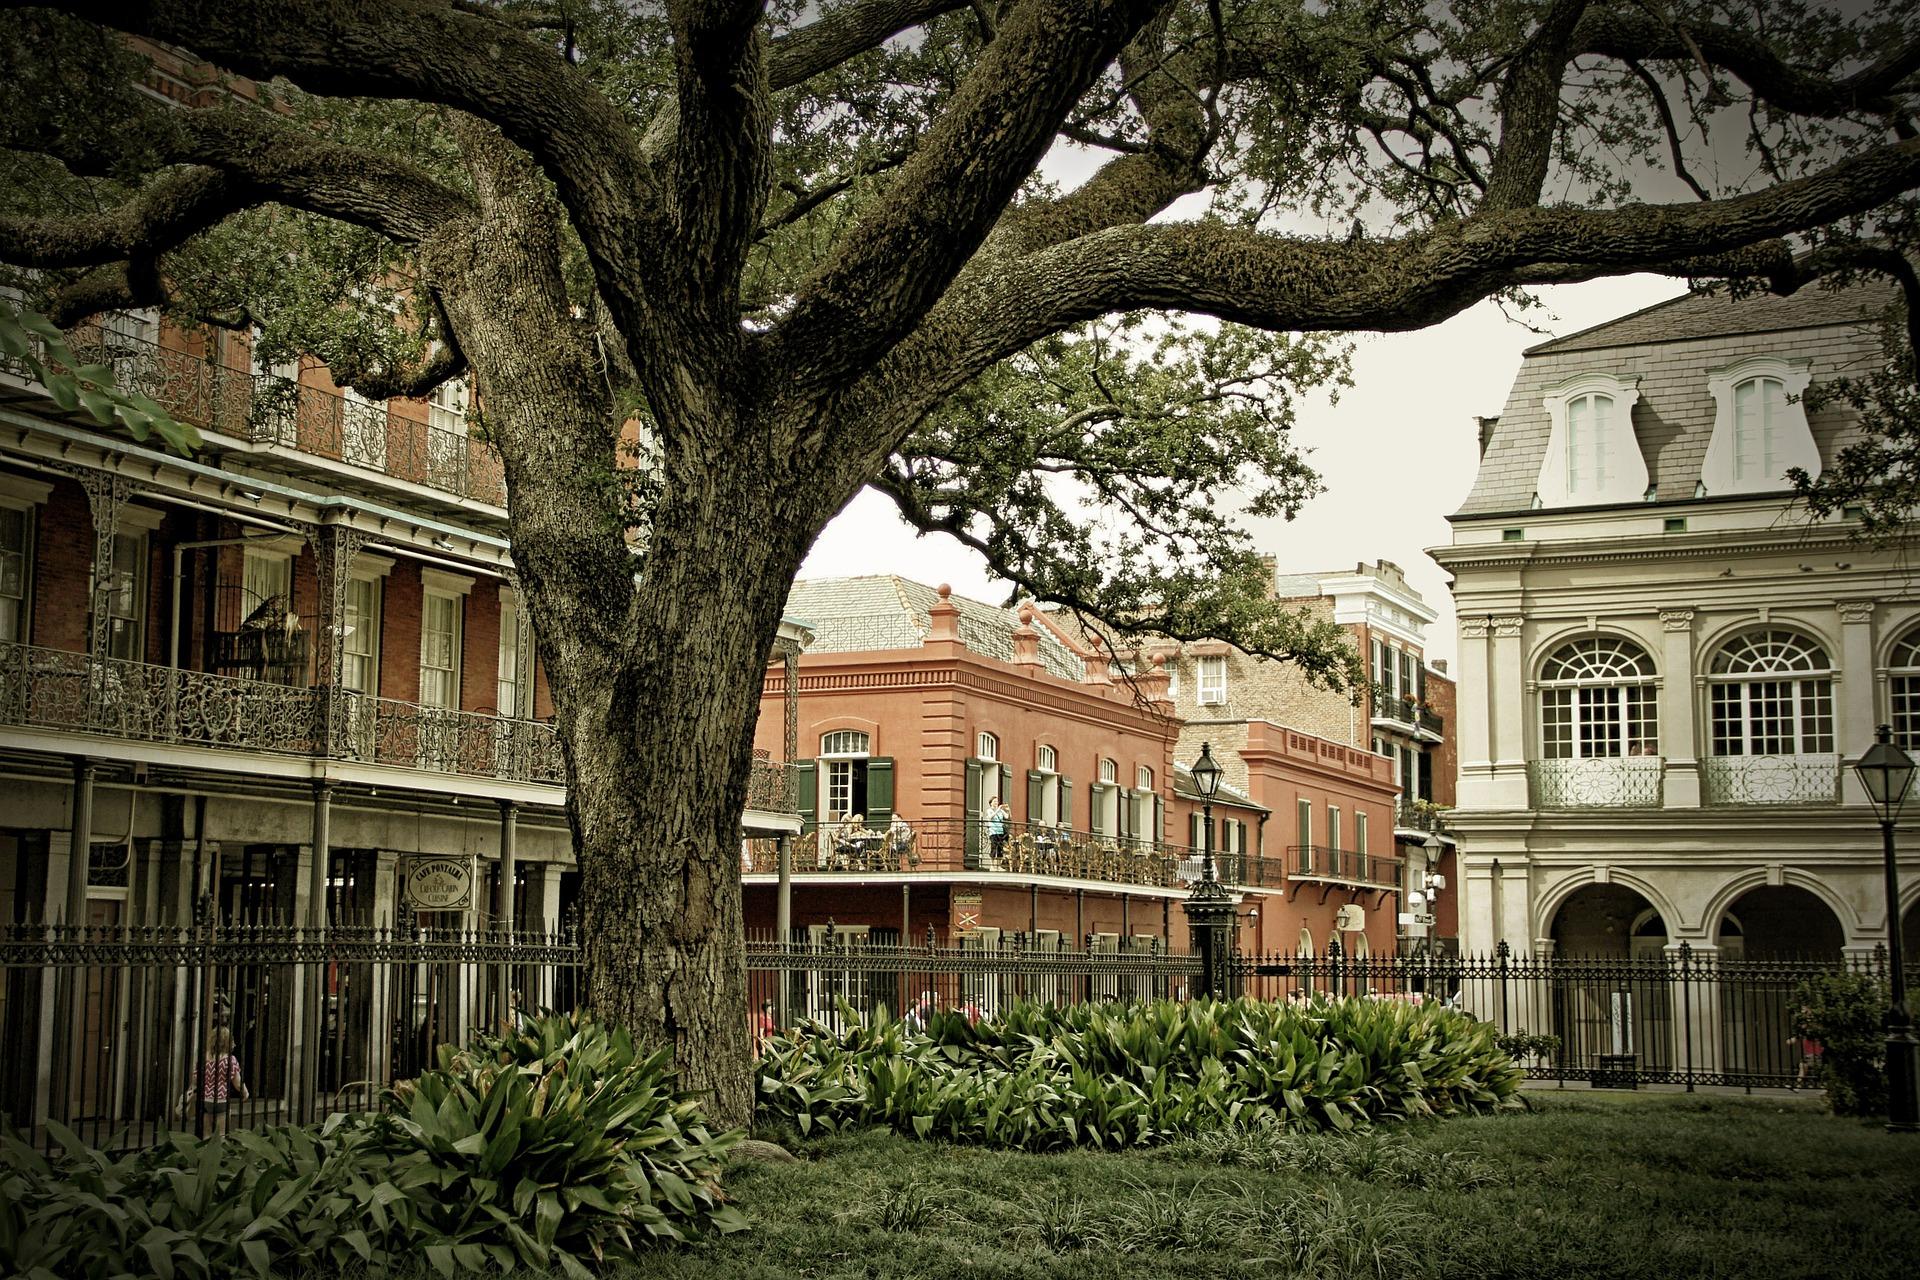 Fazer um tour pelo Bairro Francês é passeio obrigatório em New Orleans